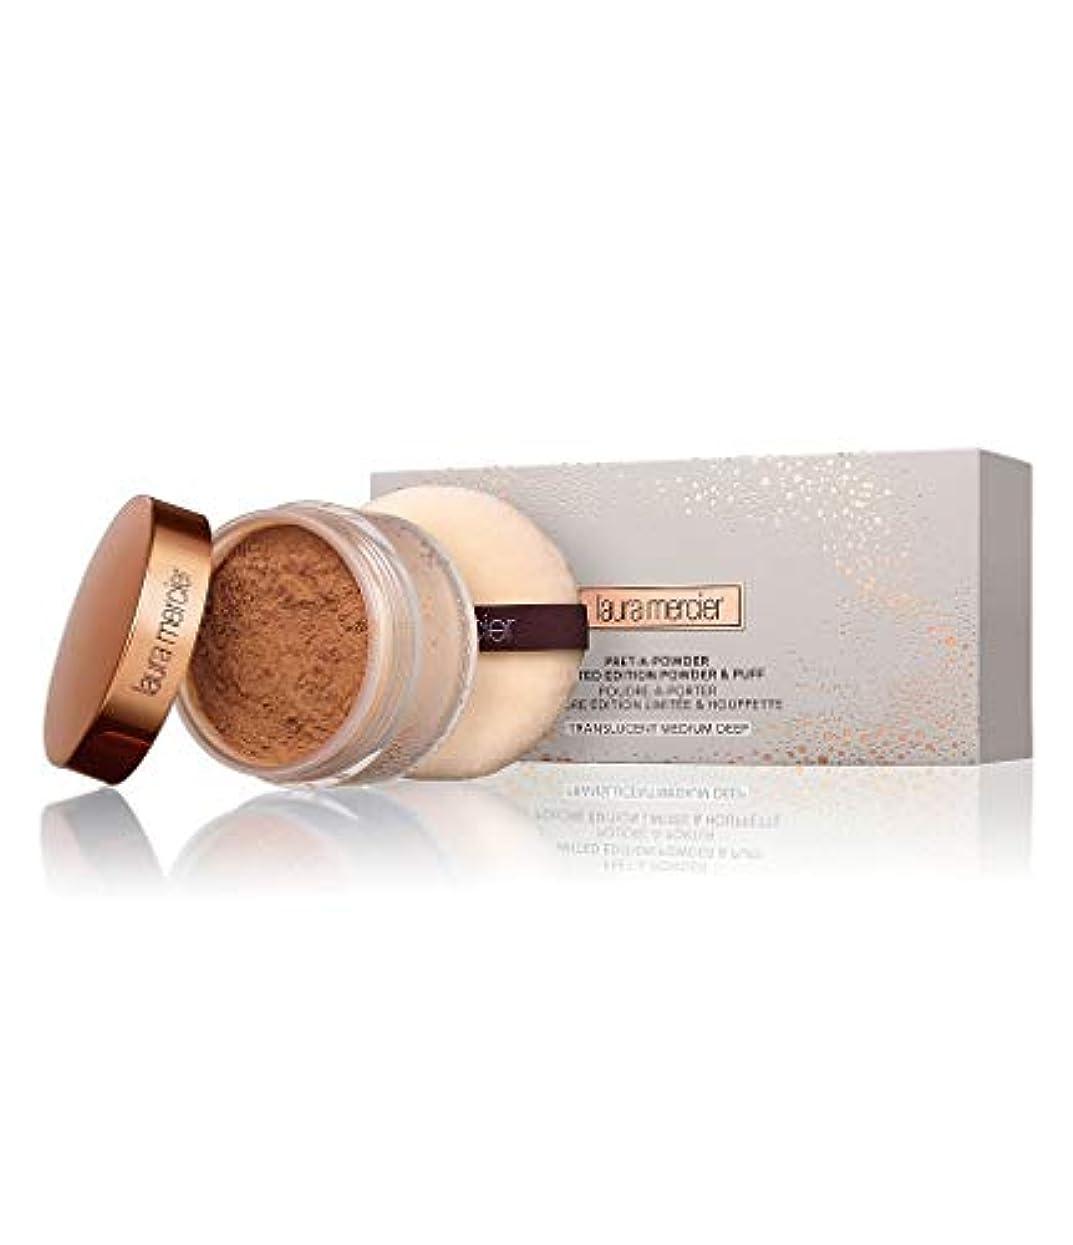 証書ブレンドパネルローラ メルシエ Pret A Powder Limited Edition Powder & Puff - # Translucent Medium Deep 29g/1oz並行輸入品